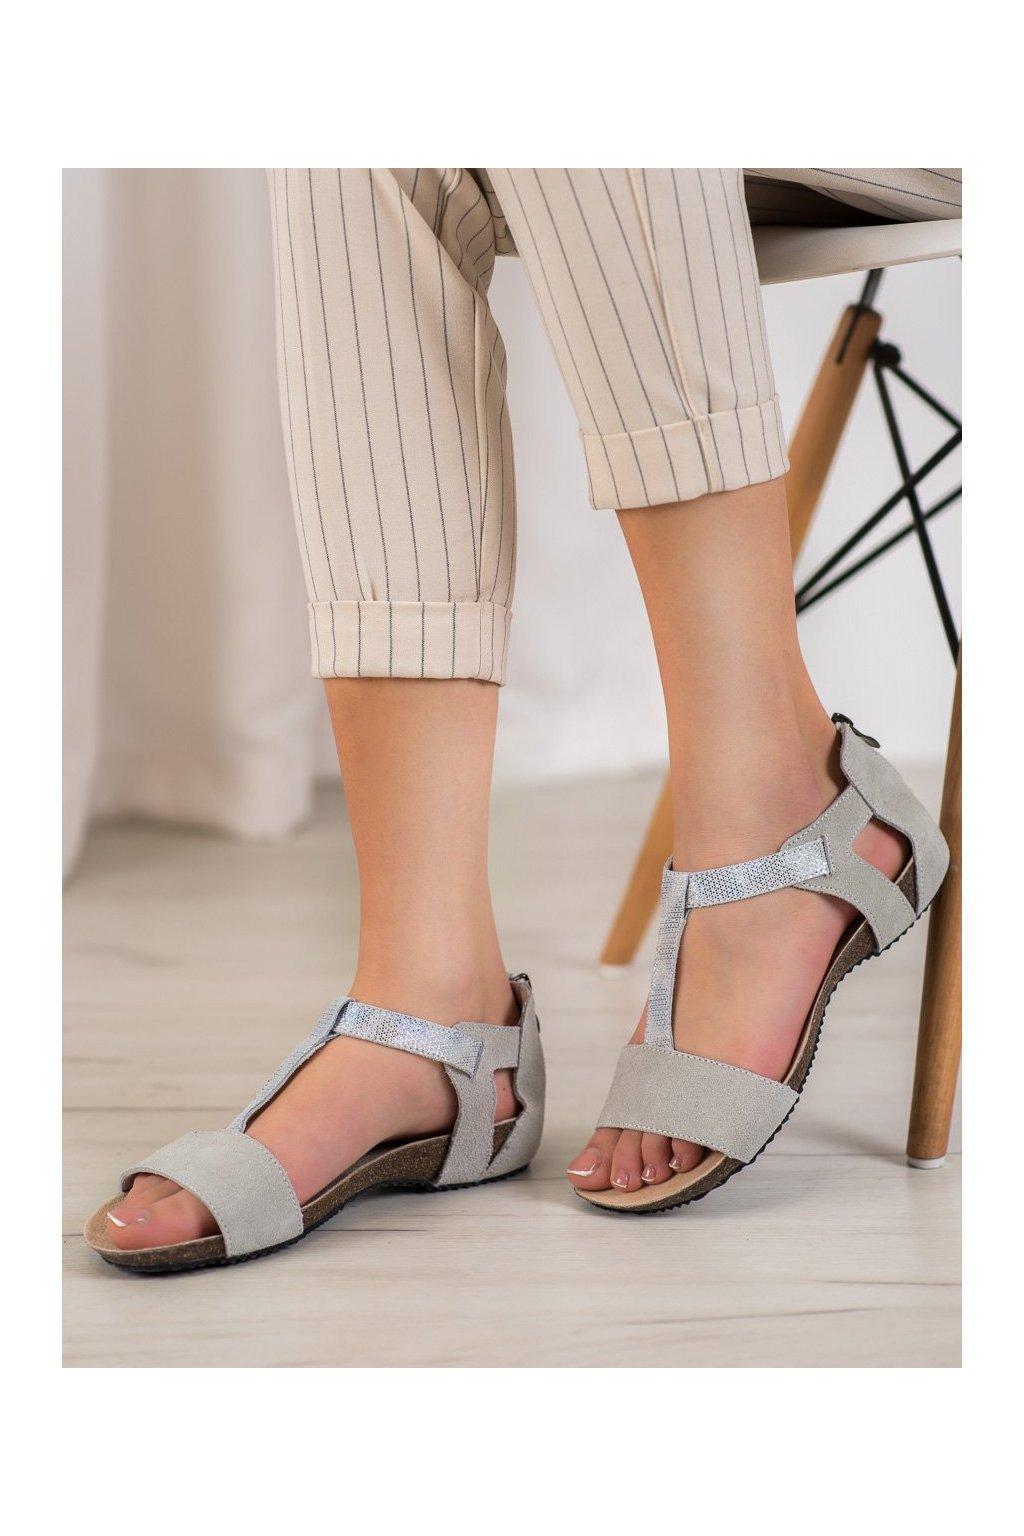 Sivé sandále Vinceza kod FT19-8662L.G